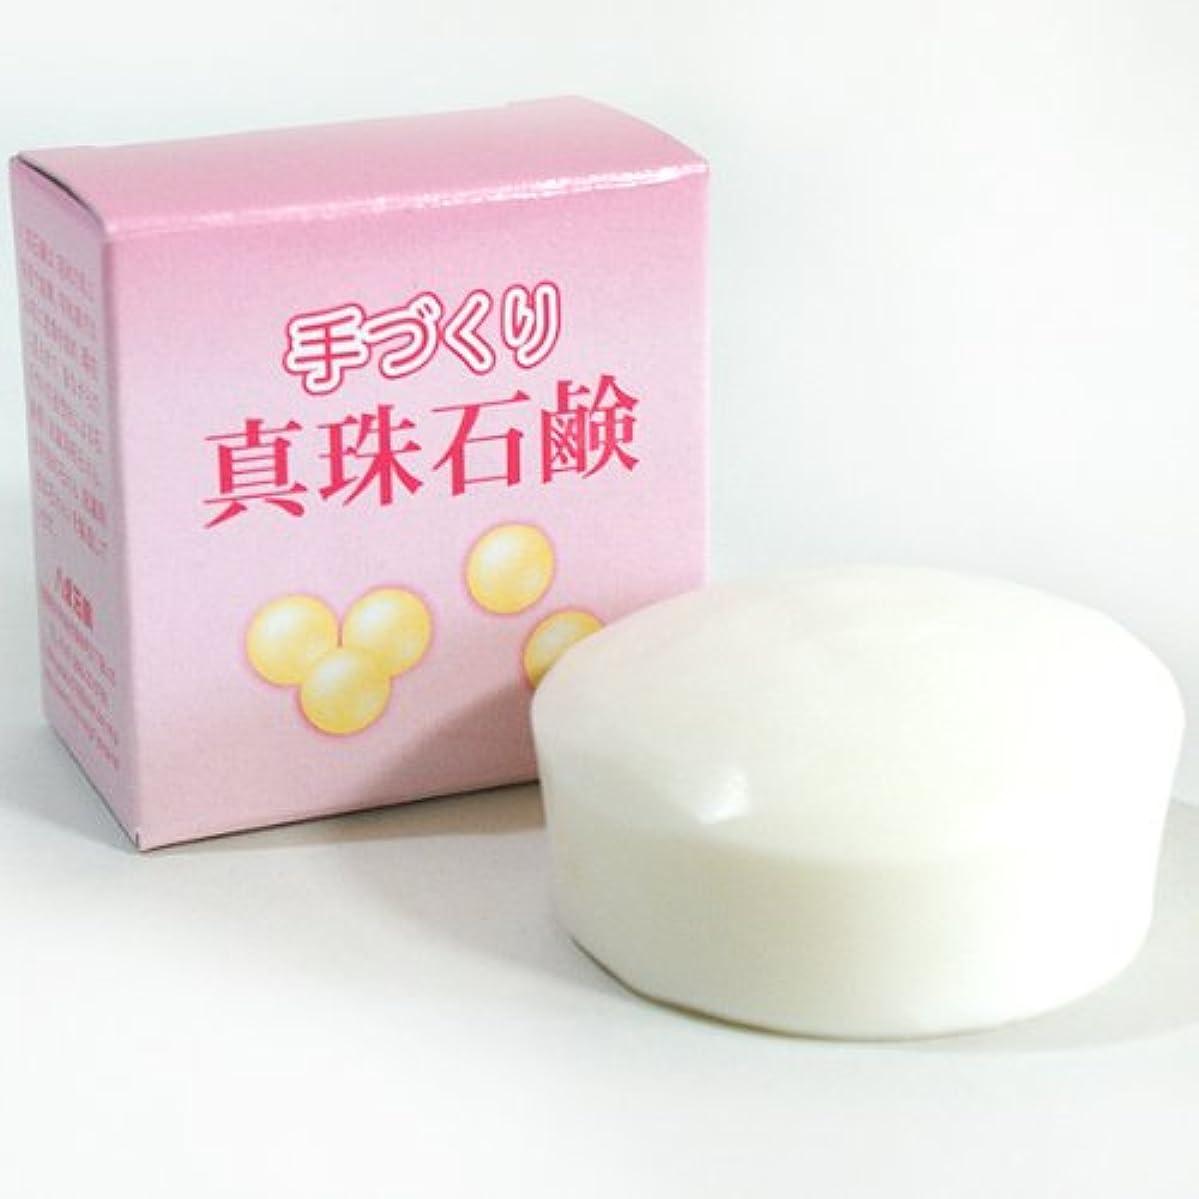 八坂石鹸 手作り石けん 真珠60g(箱入り)